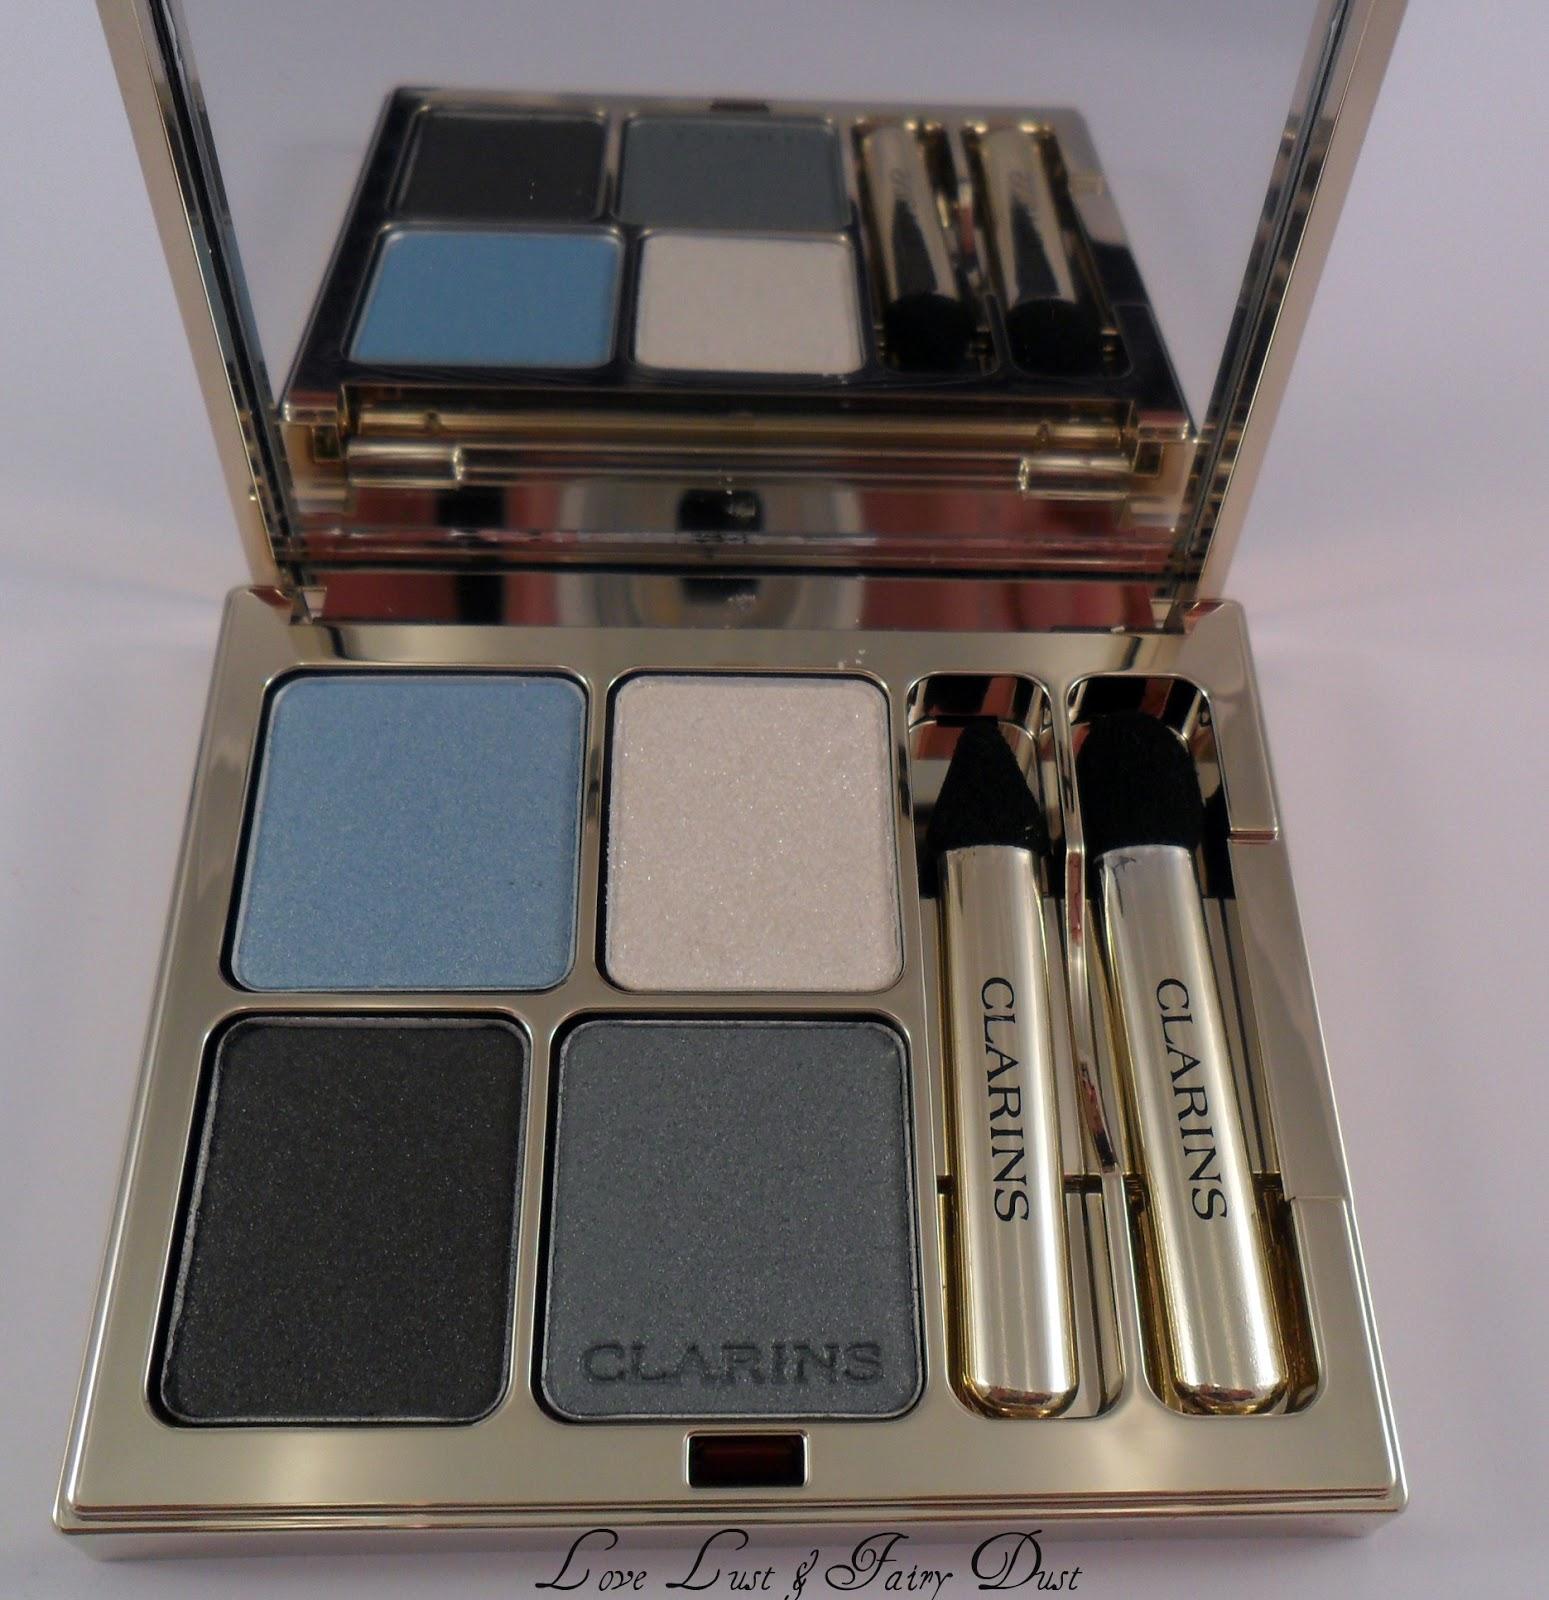 Clarins eye quartet mineral palette